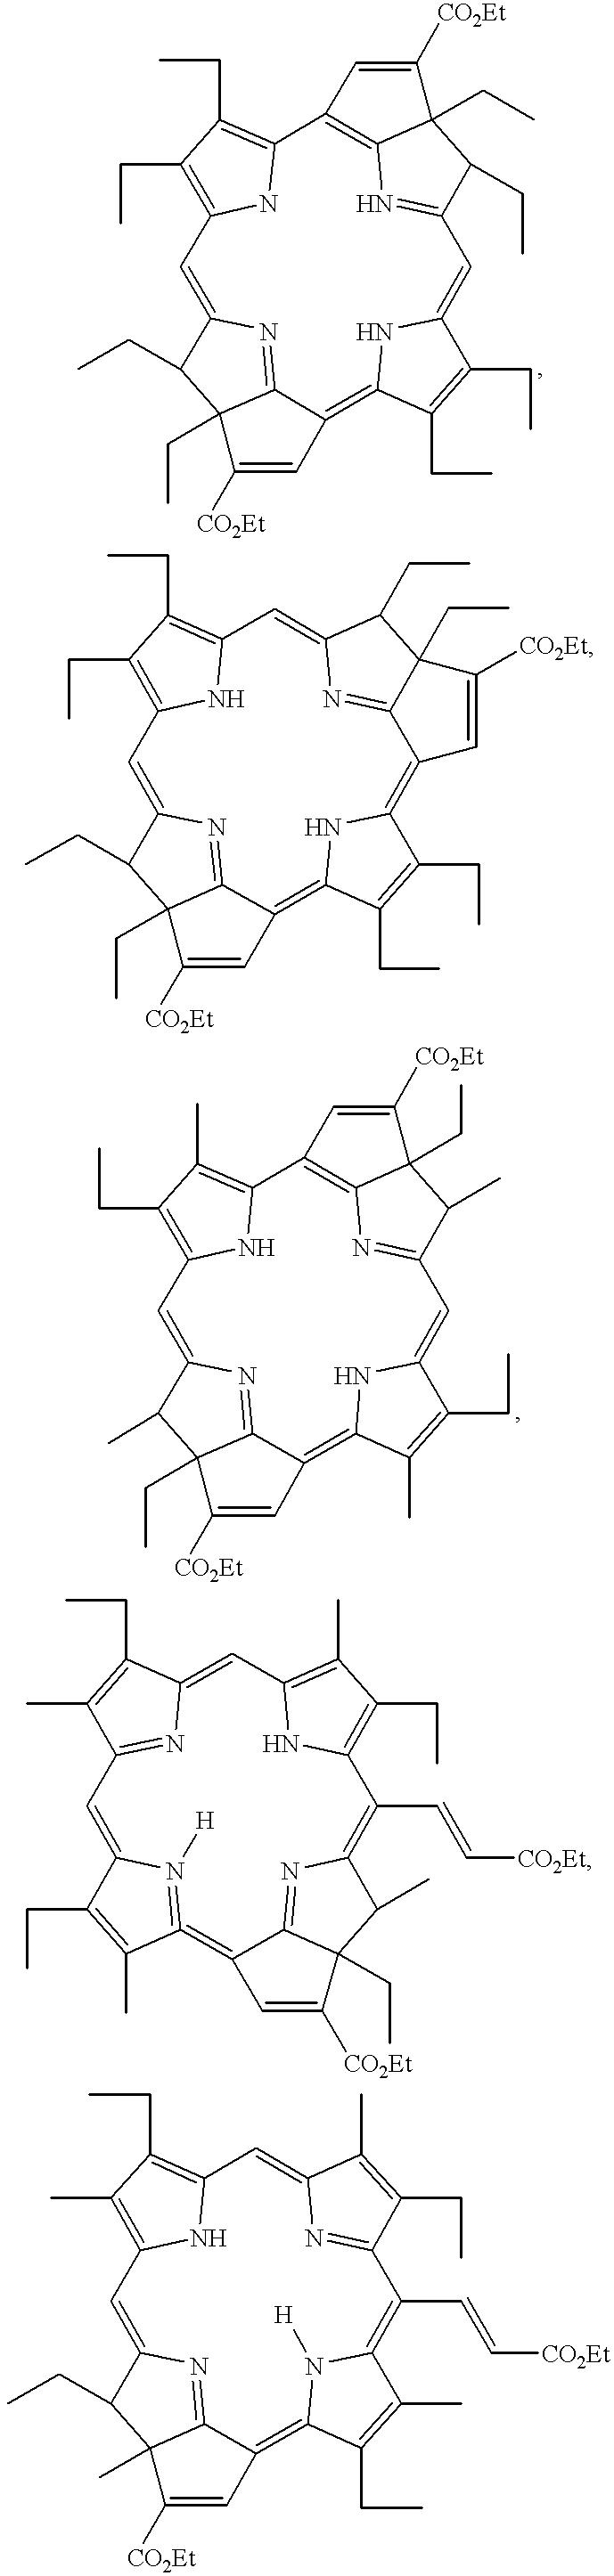 Figure US06376483-20020423-C00025